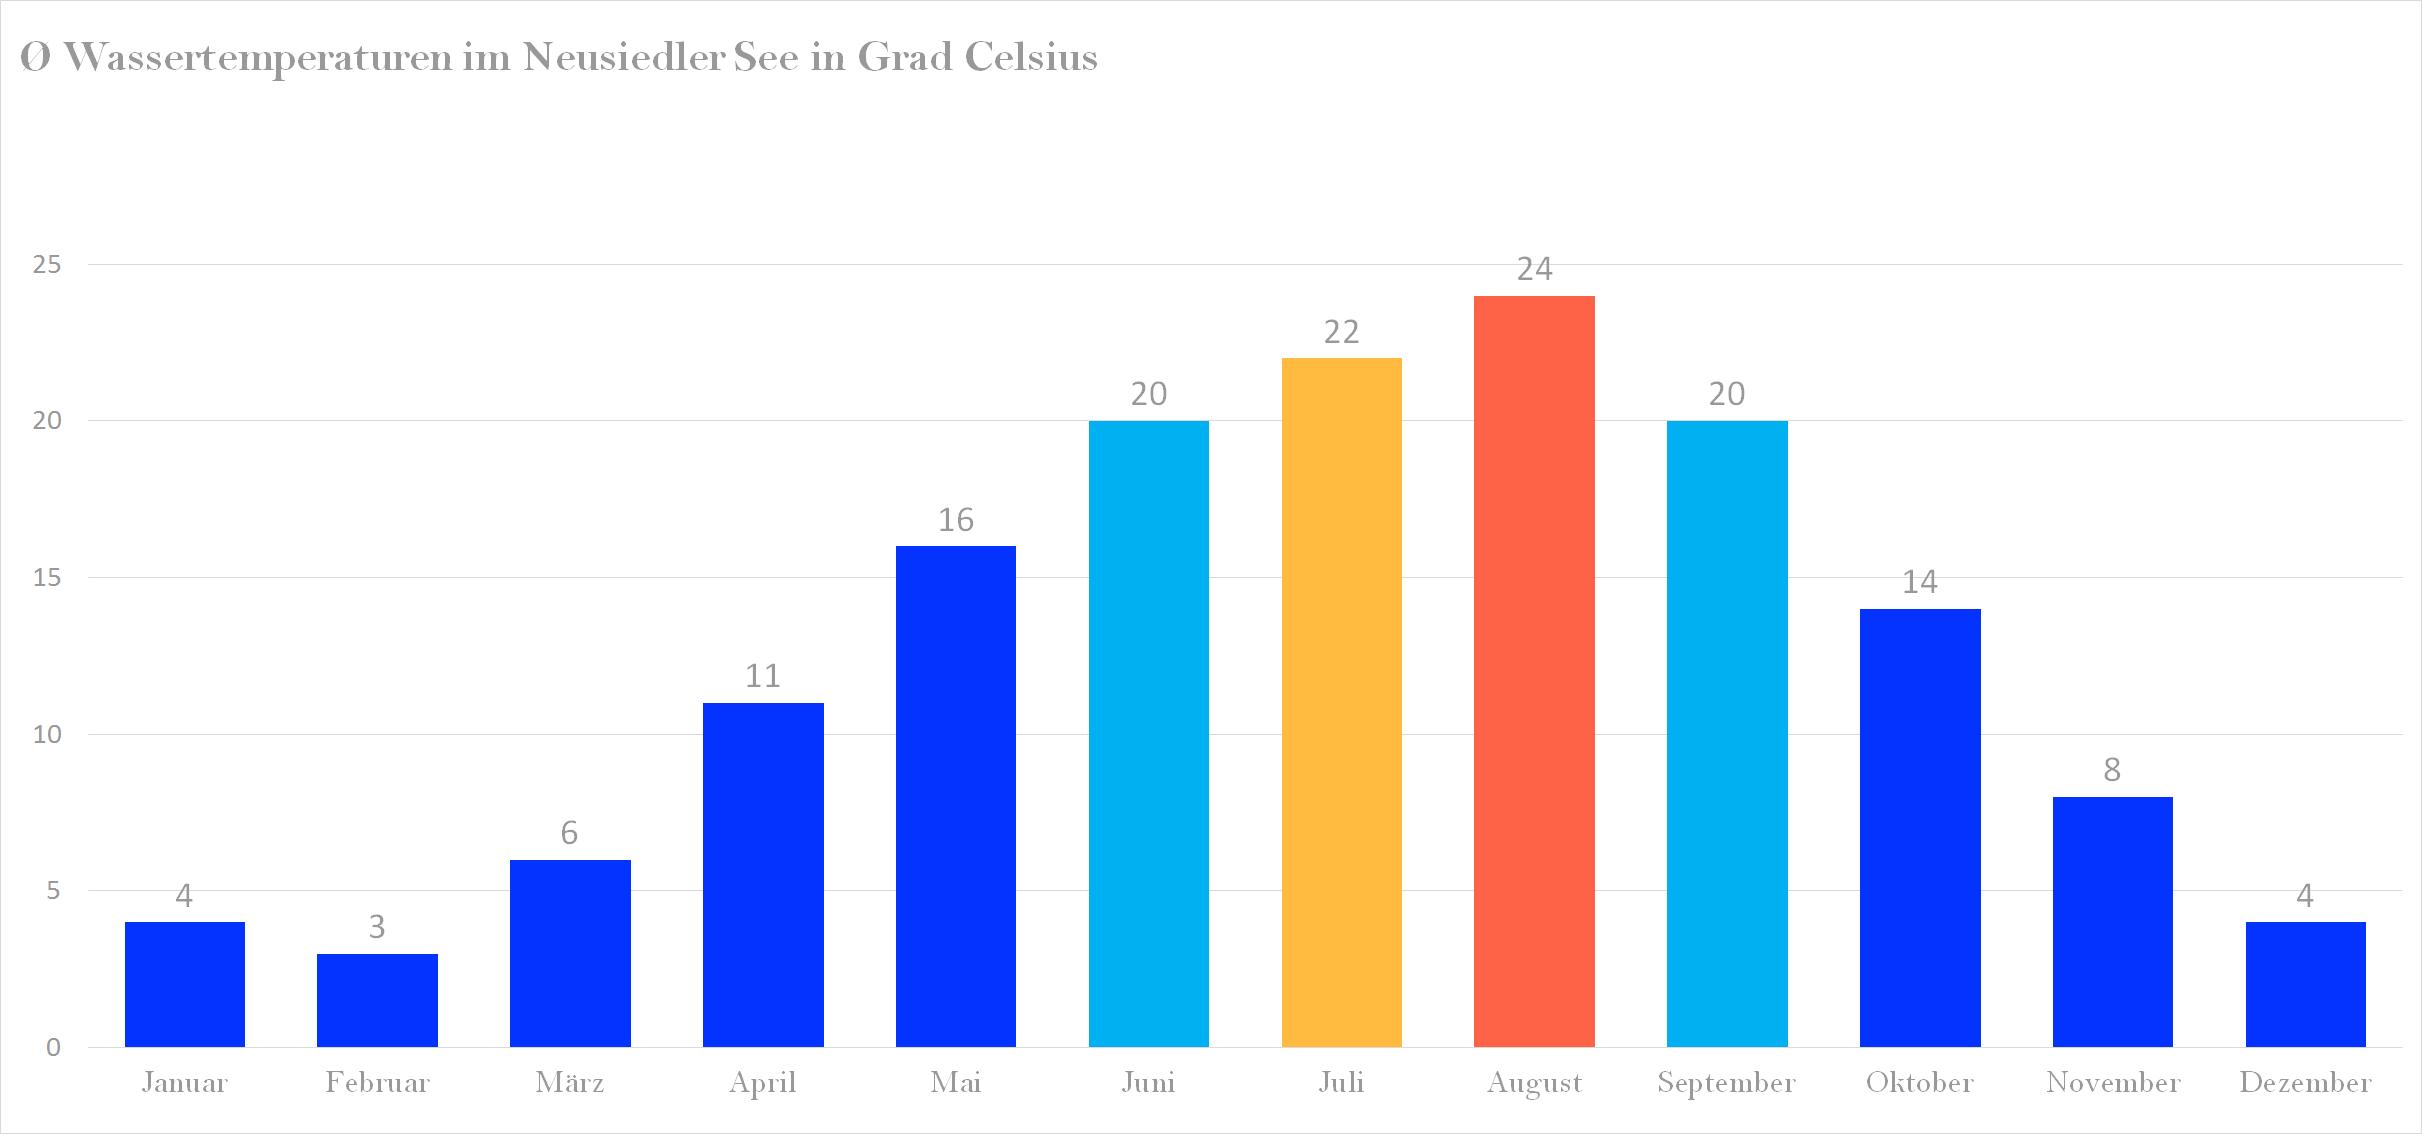 Durchschnittliche Wassertemperaturen im Neusiedler See nach Monaten